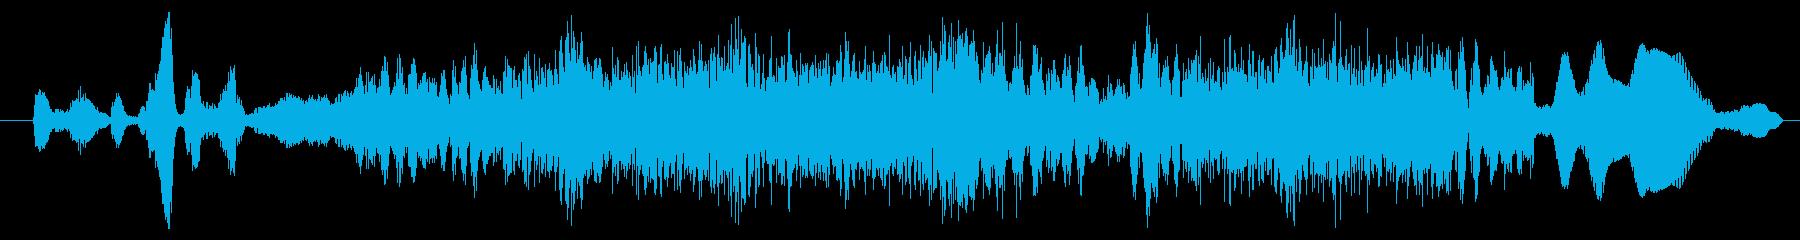 モンスター グリッチグロール01の再生済みの波形